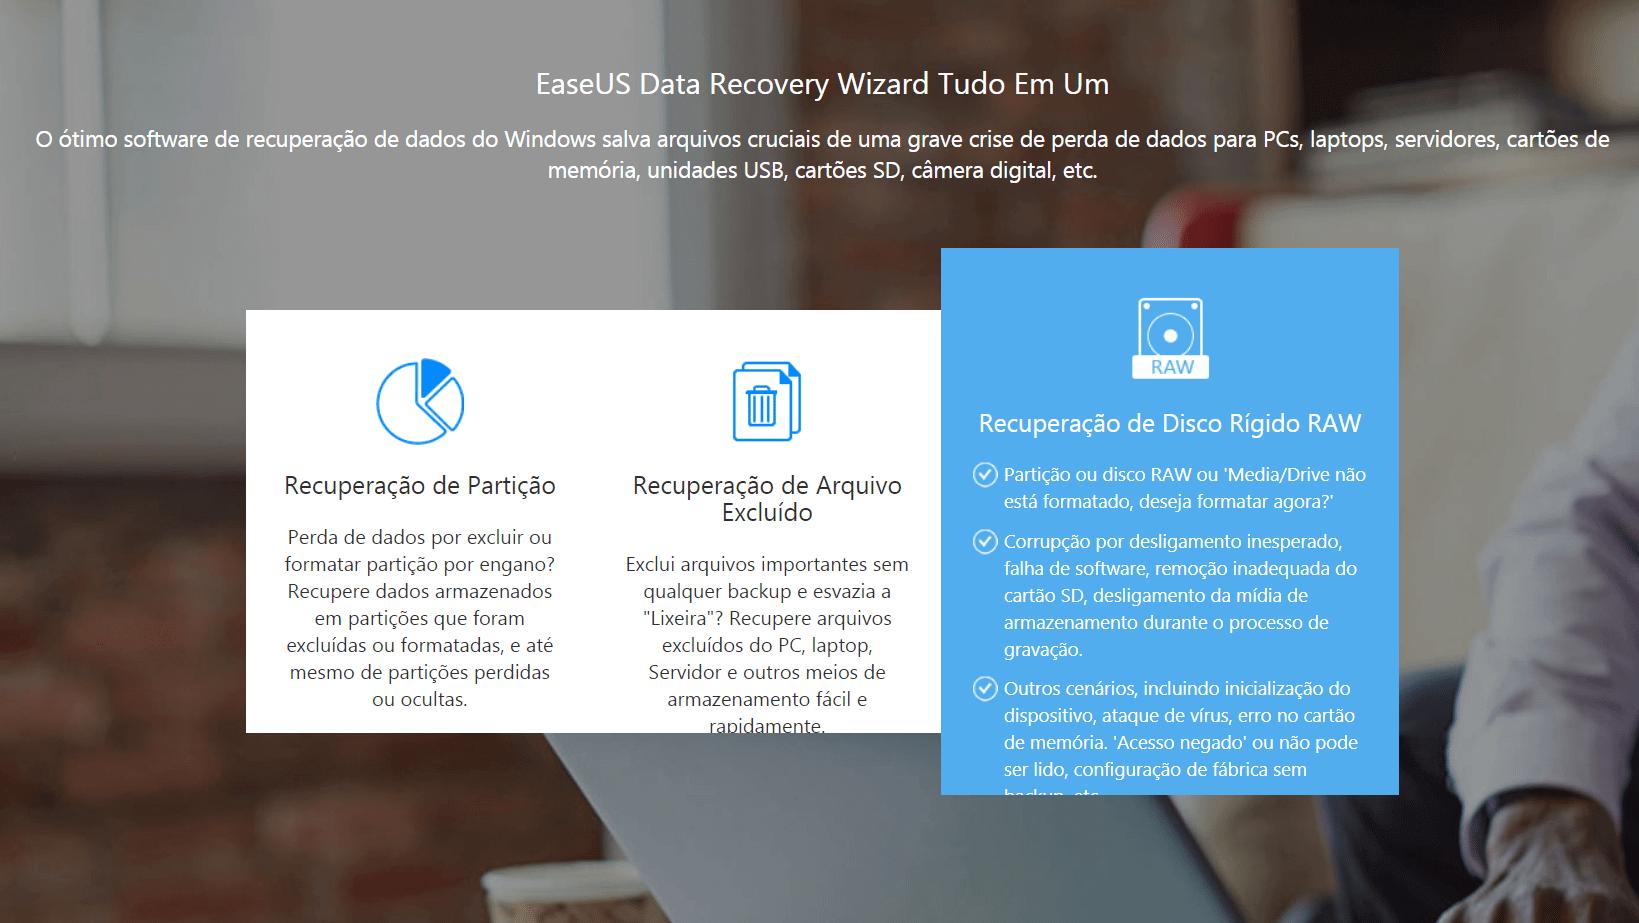 Como recuperar arquivos deletados ou corrompidos com o DRW da EaseUS